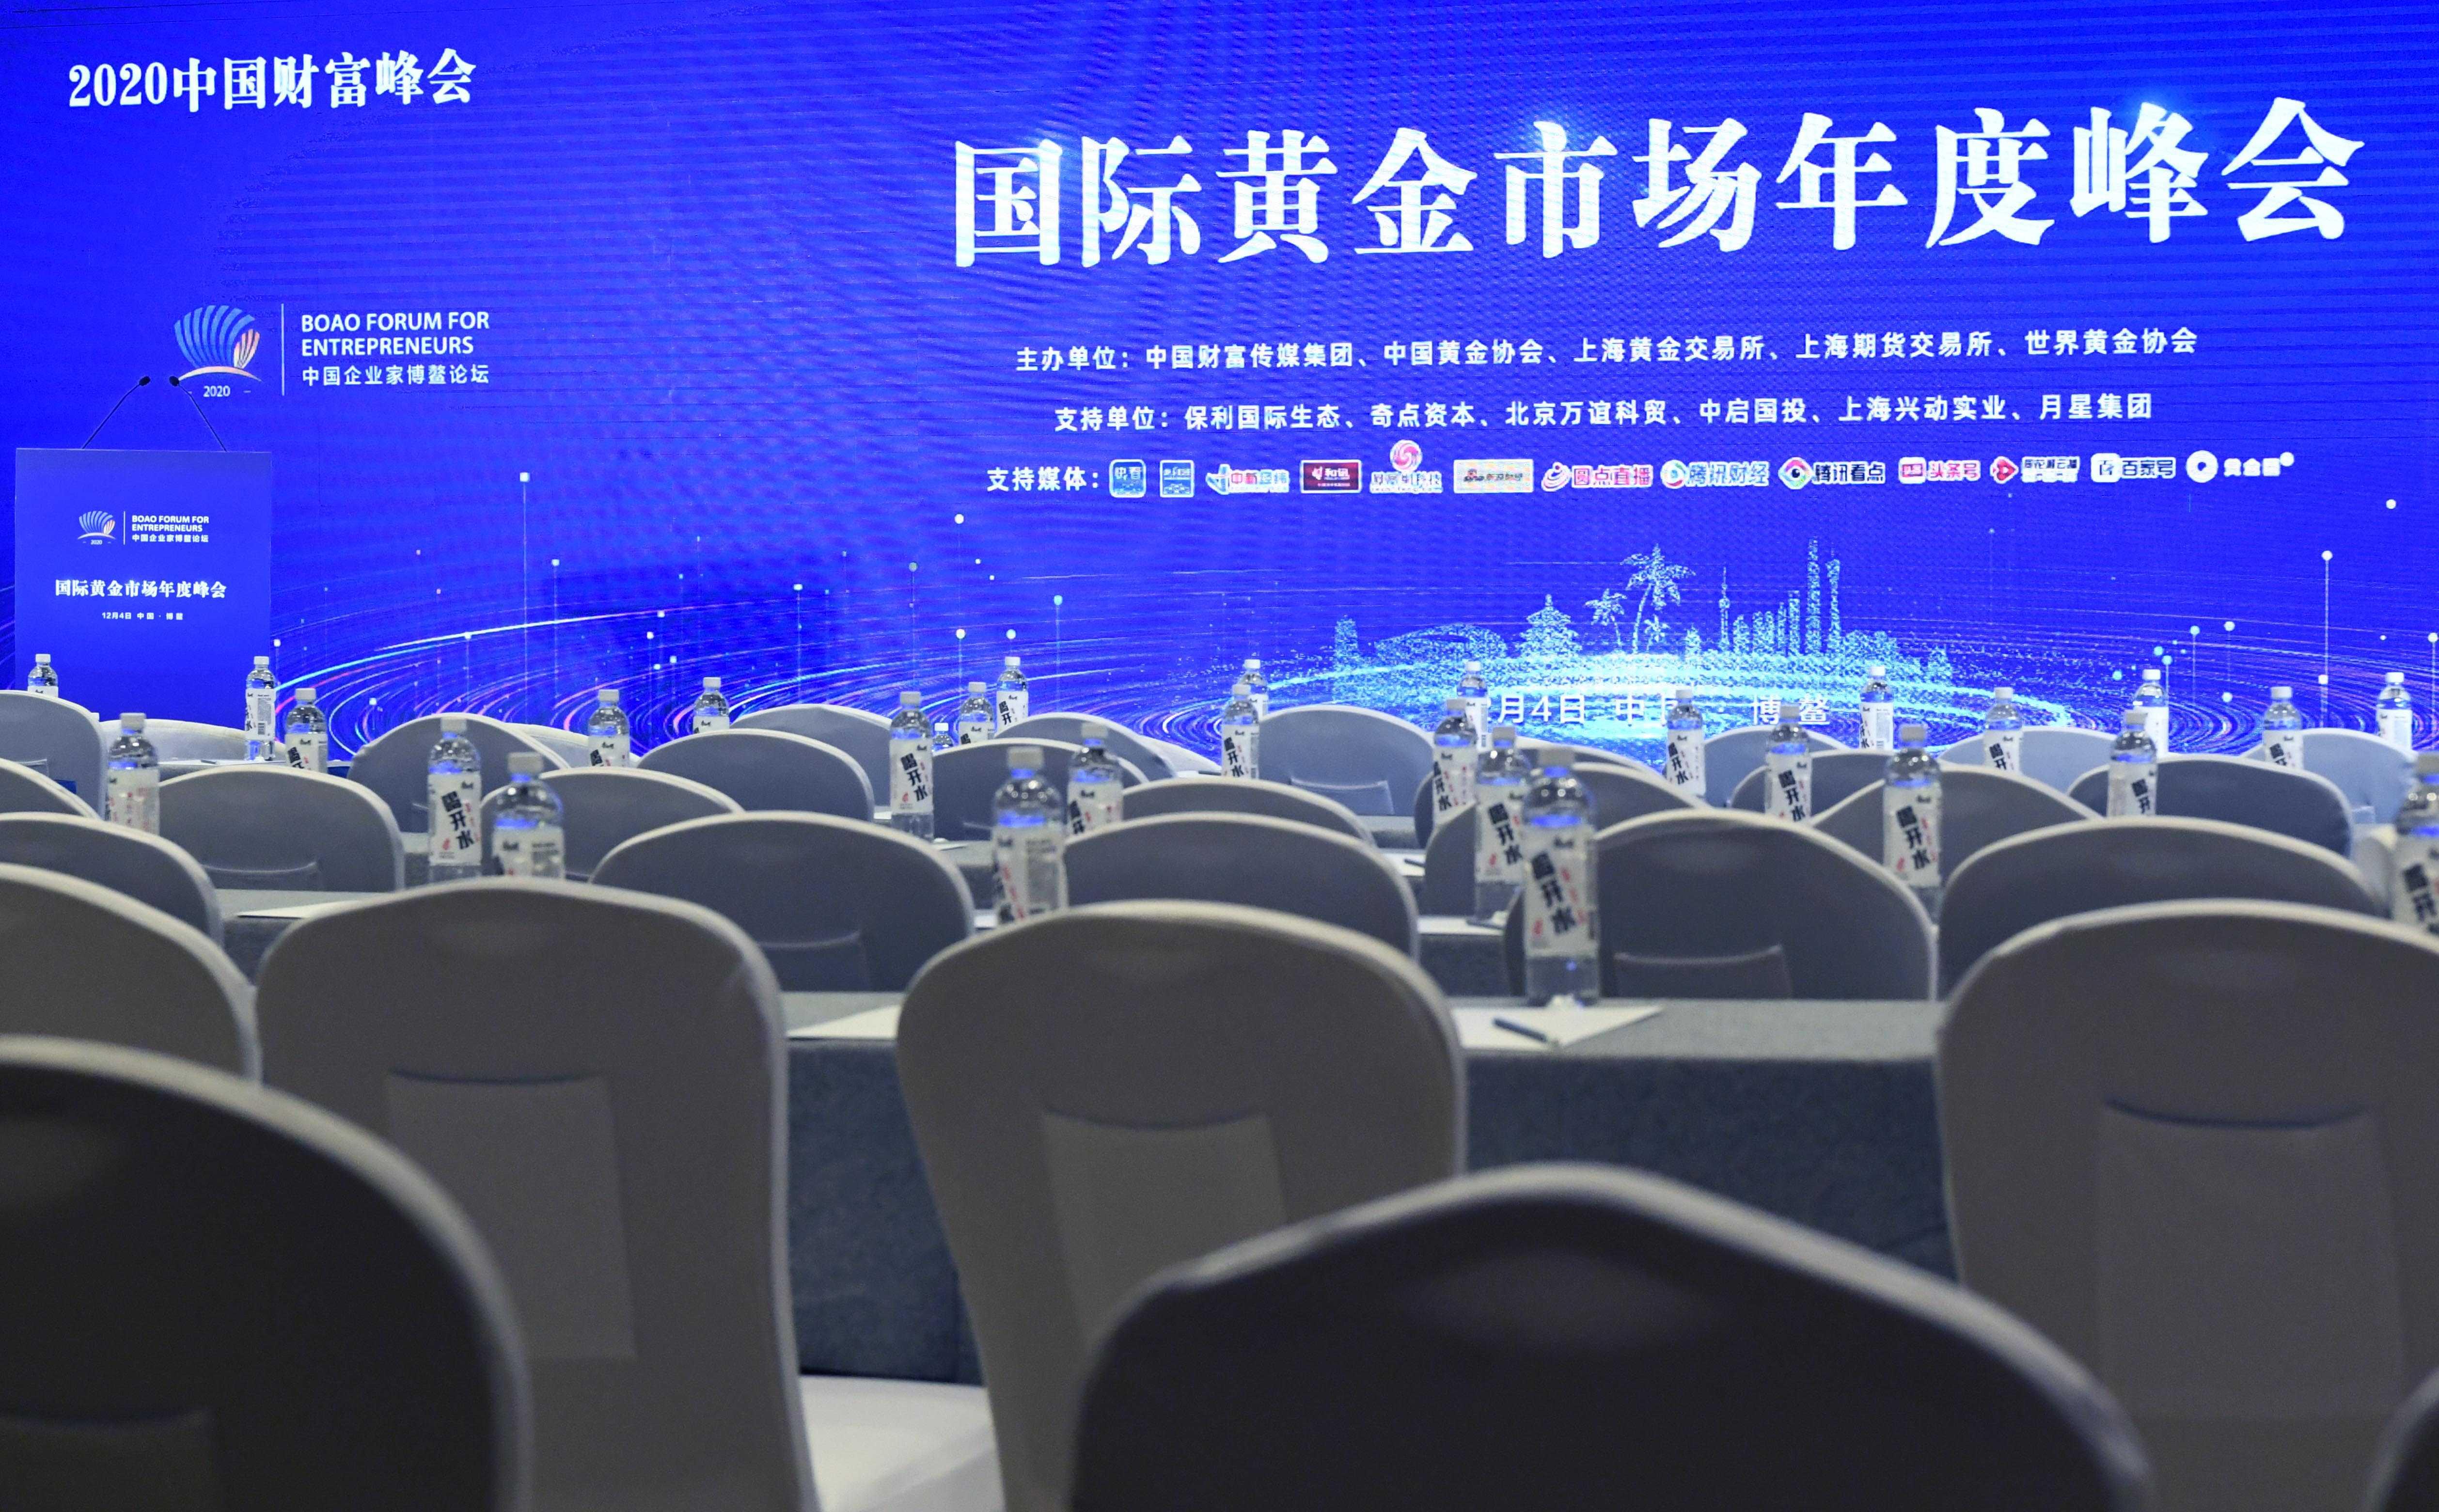 国际黄金市场年度峰会现场